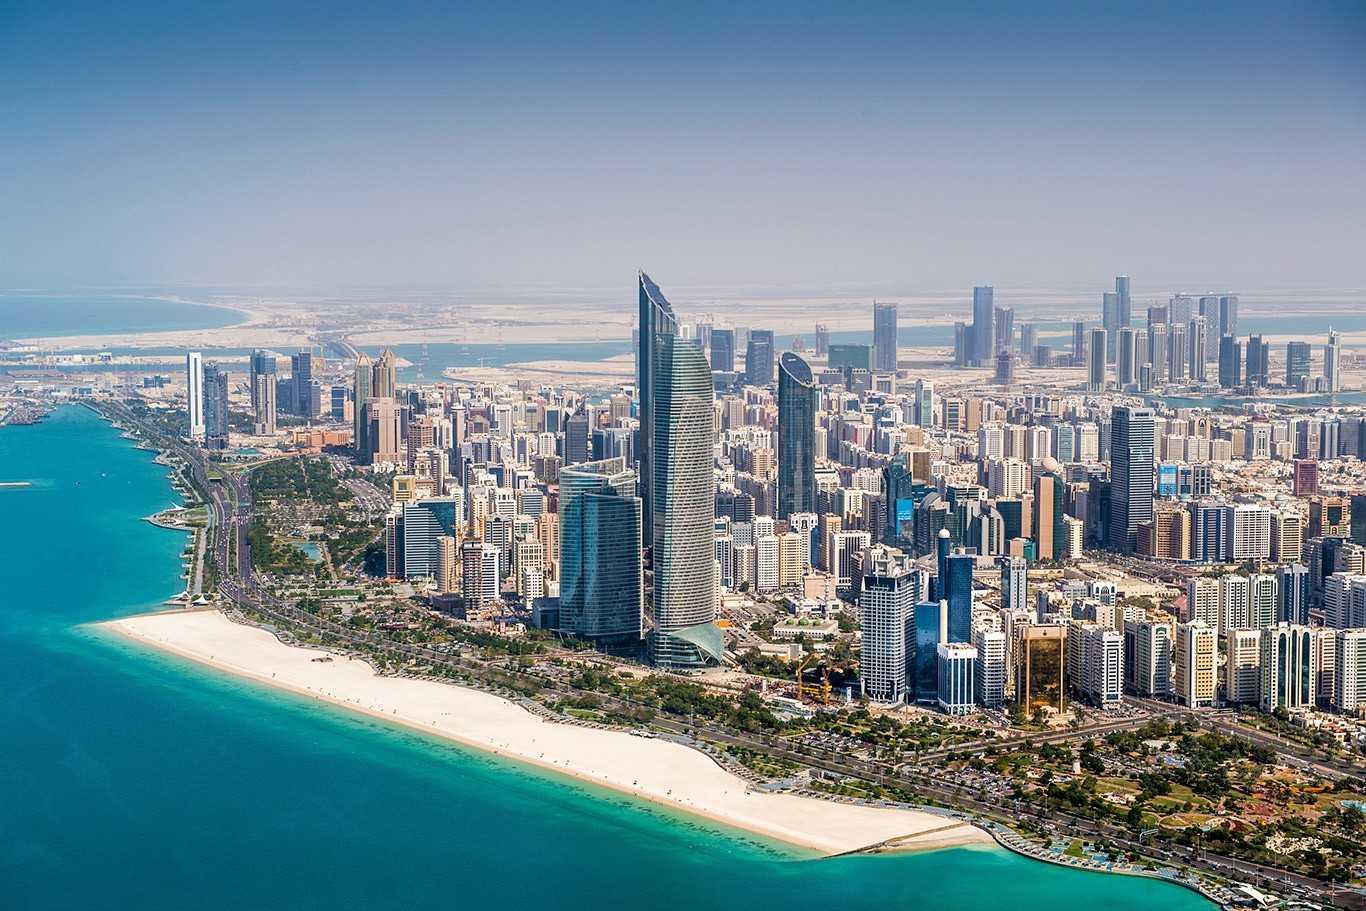 ابوظبي - تطبيق عقارات أبوظبي - عقارات الإمارات - استثمار عقاري